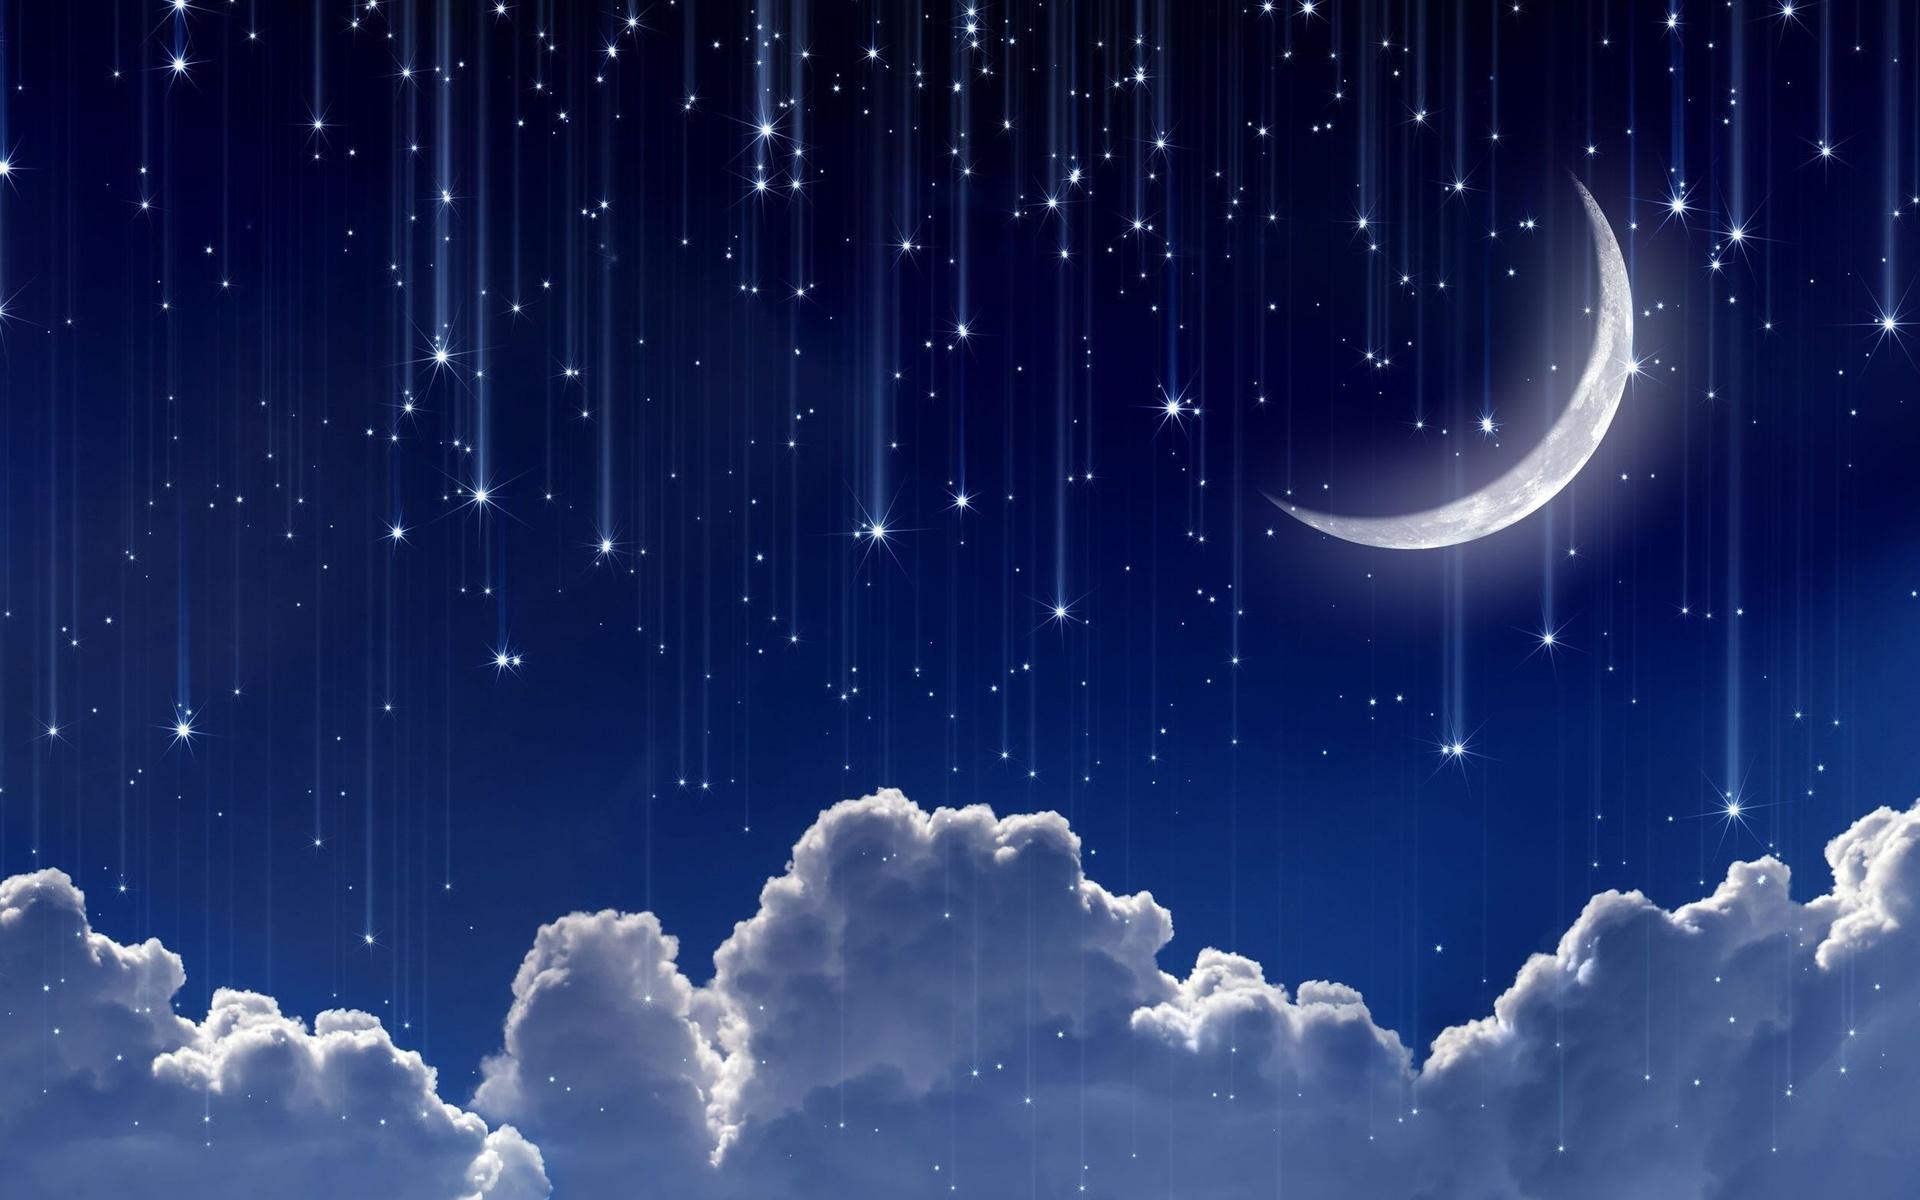 образом человек открытки ночное небо признак ножка при